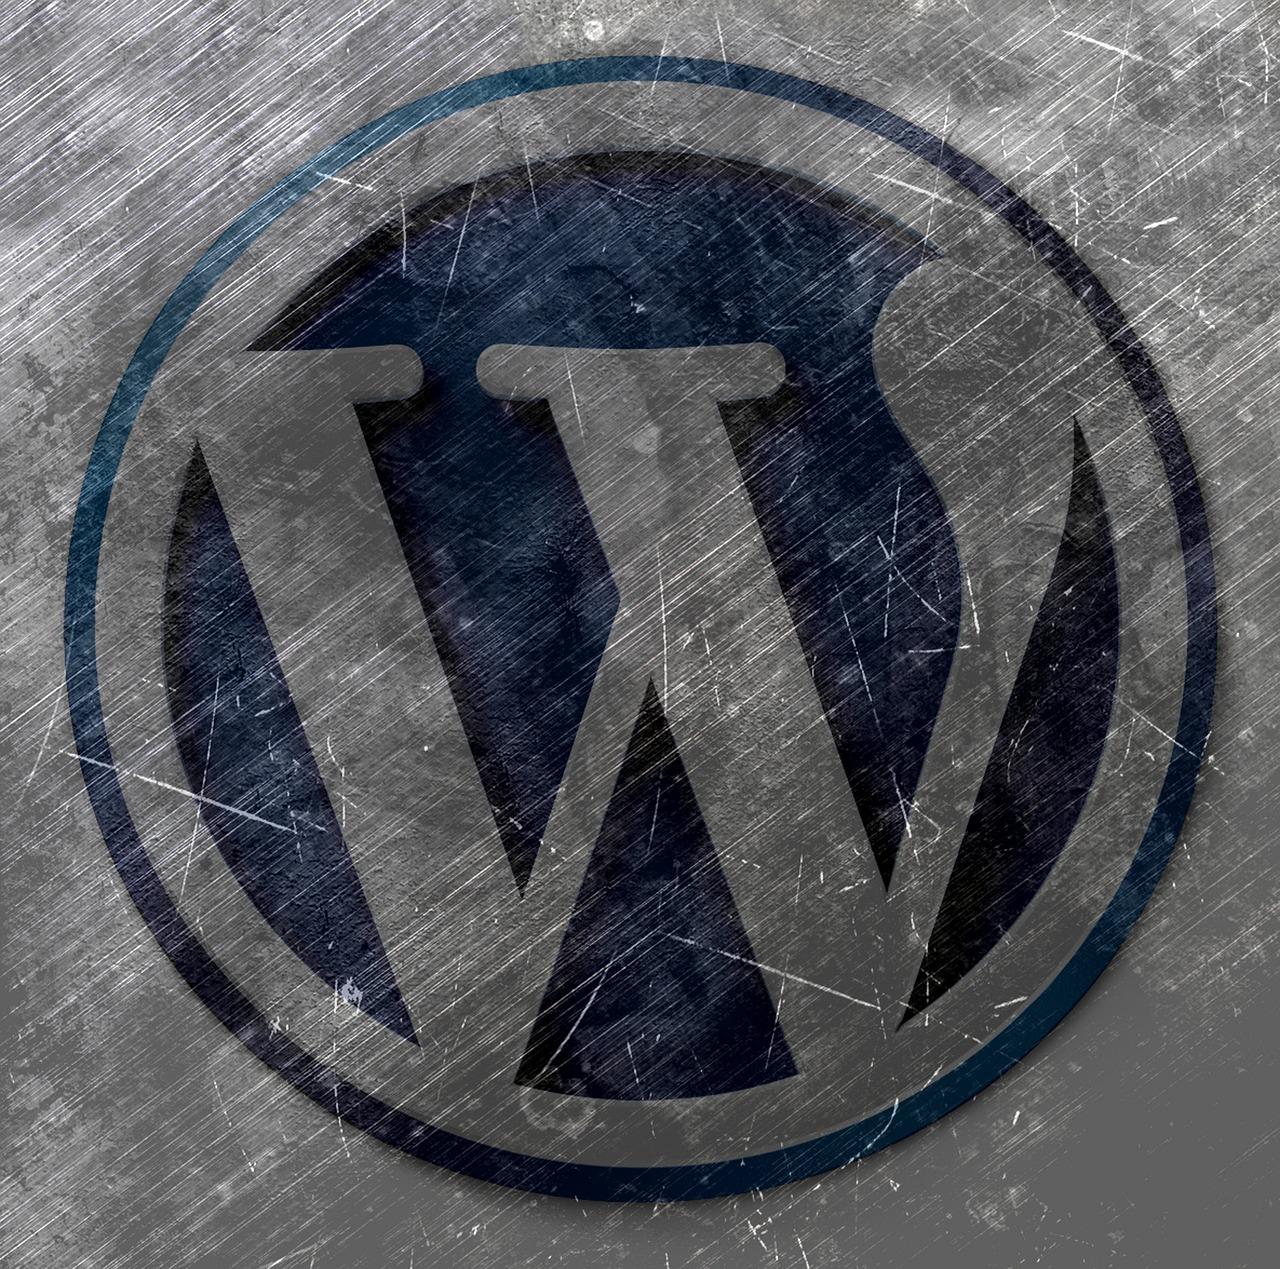 Wordpressで特定記事を非表示にする方法